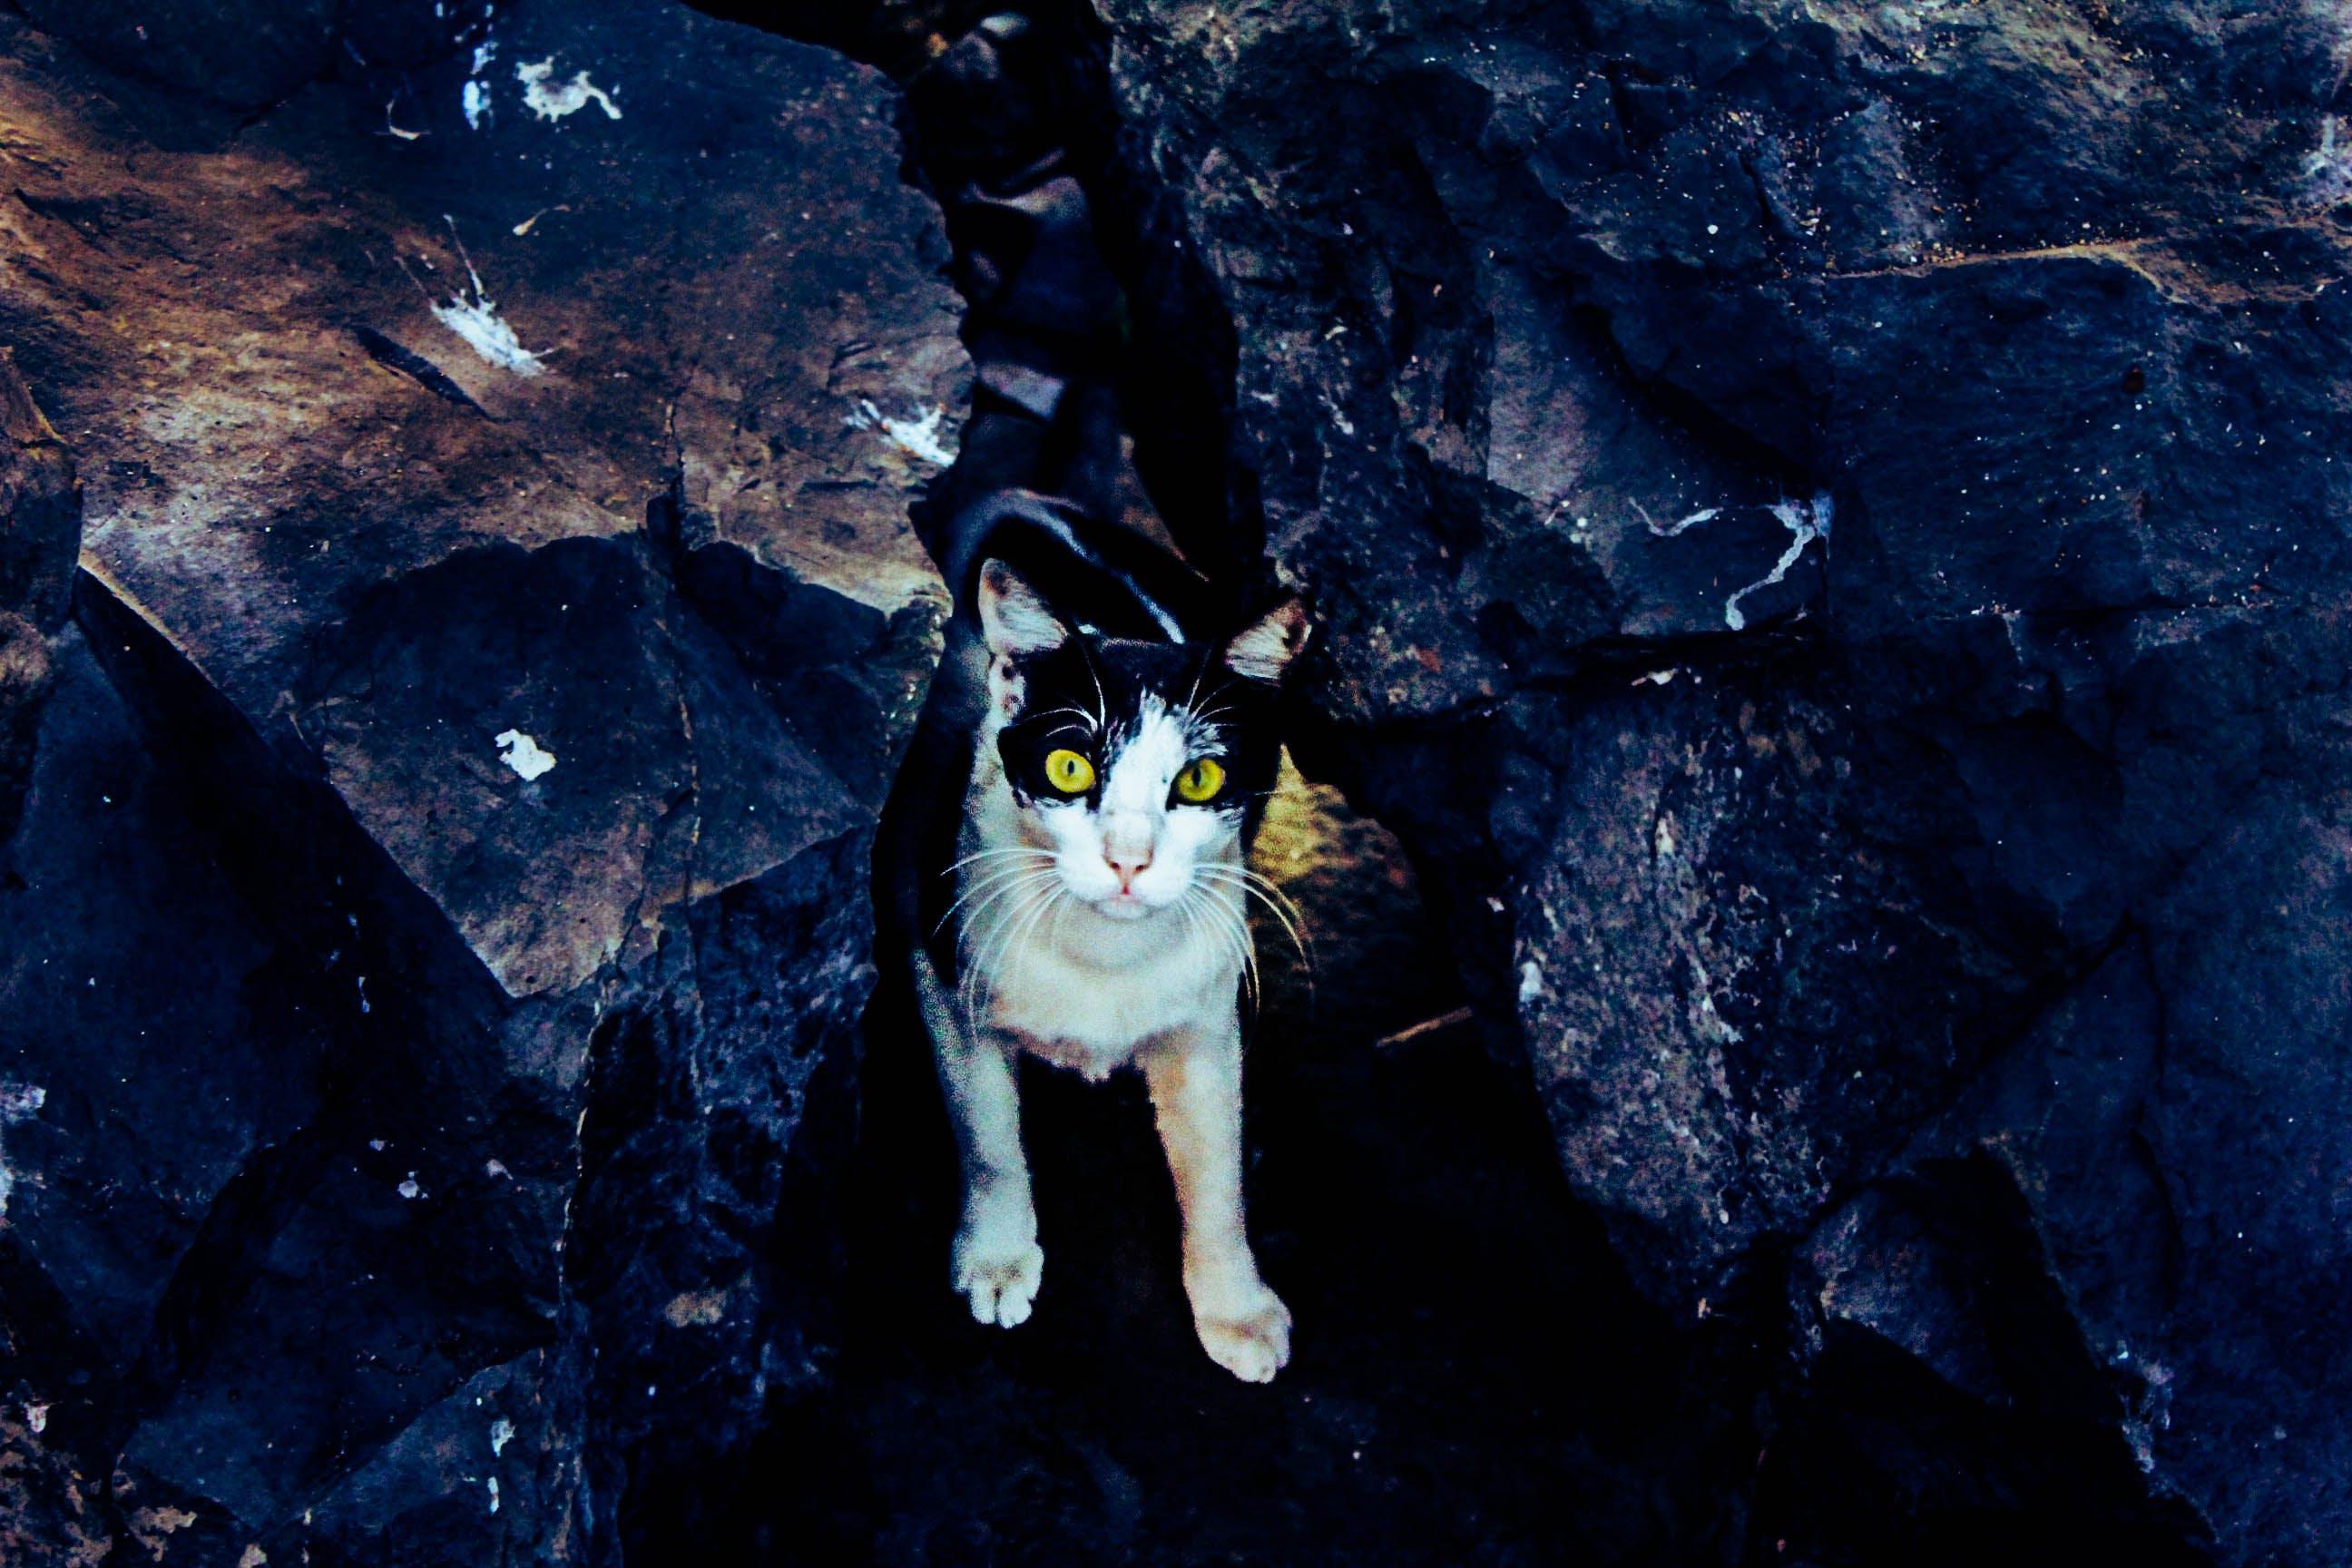 Kostenloses Stock Foto zu katze, niedliches gesicht, schwarze katze, tier